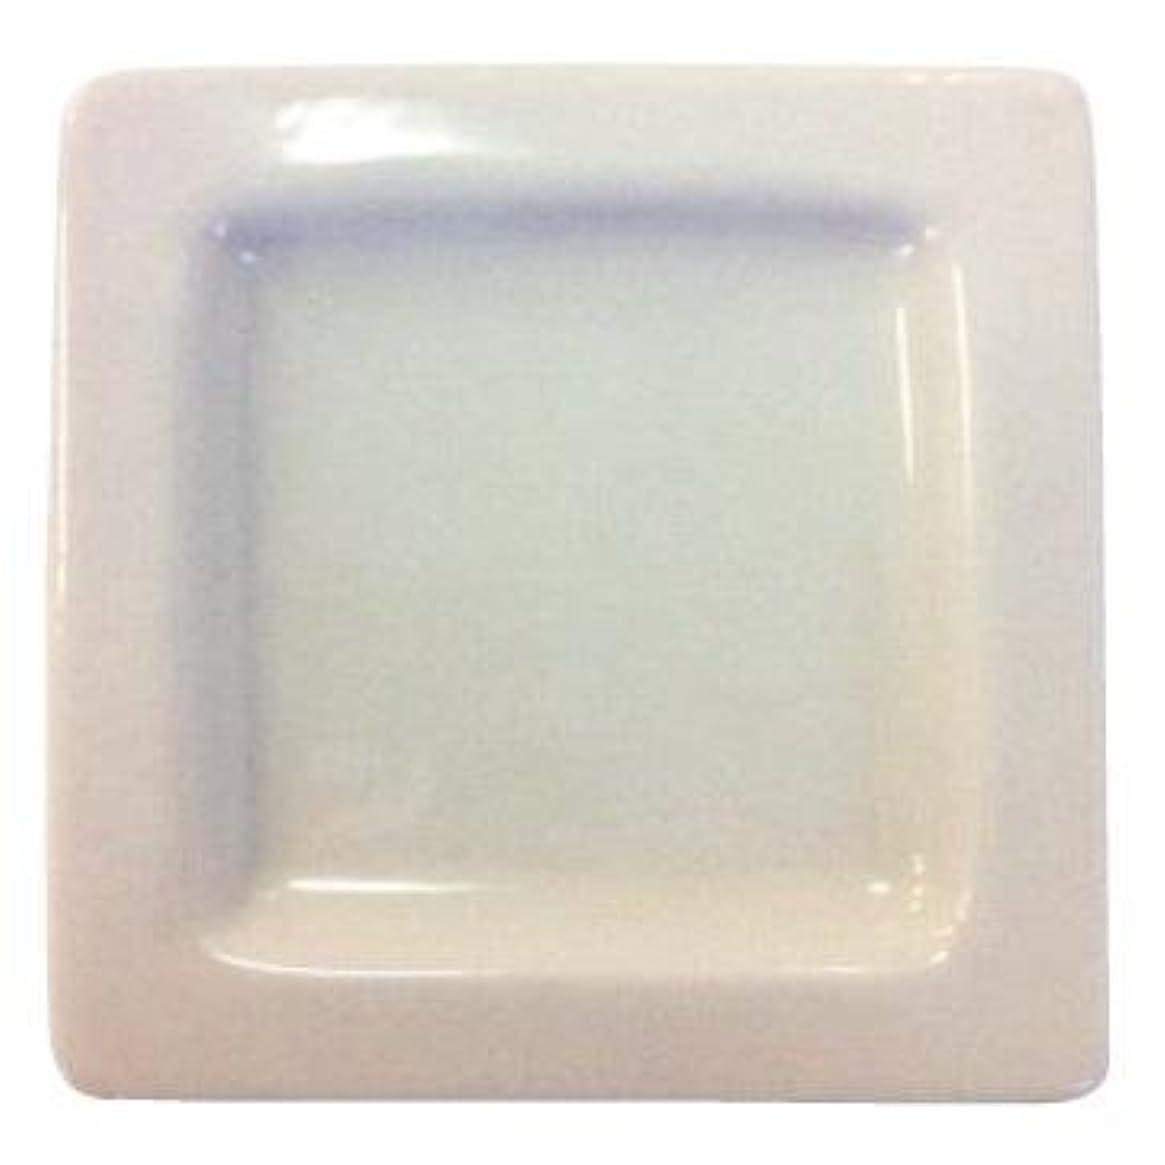 アンテナコレクション征服者生活の木 アロマランプL アイビー用精油皿(上皿)